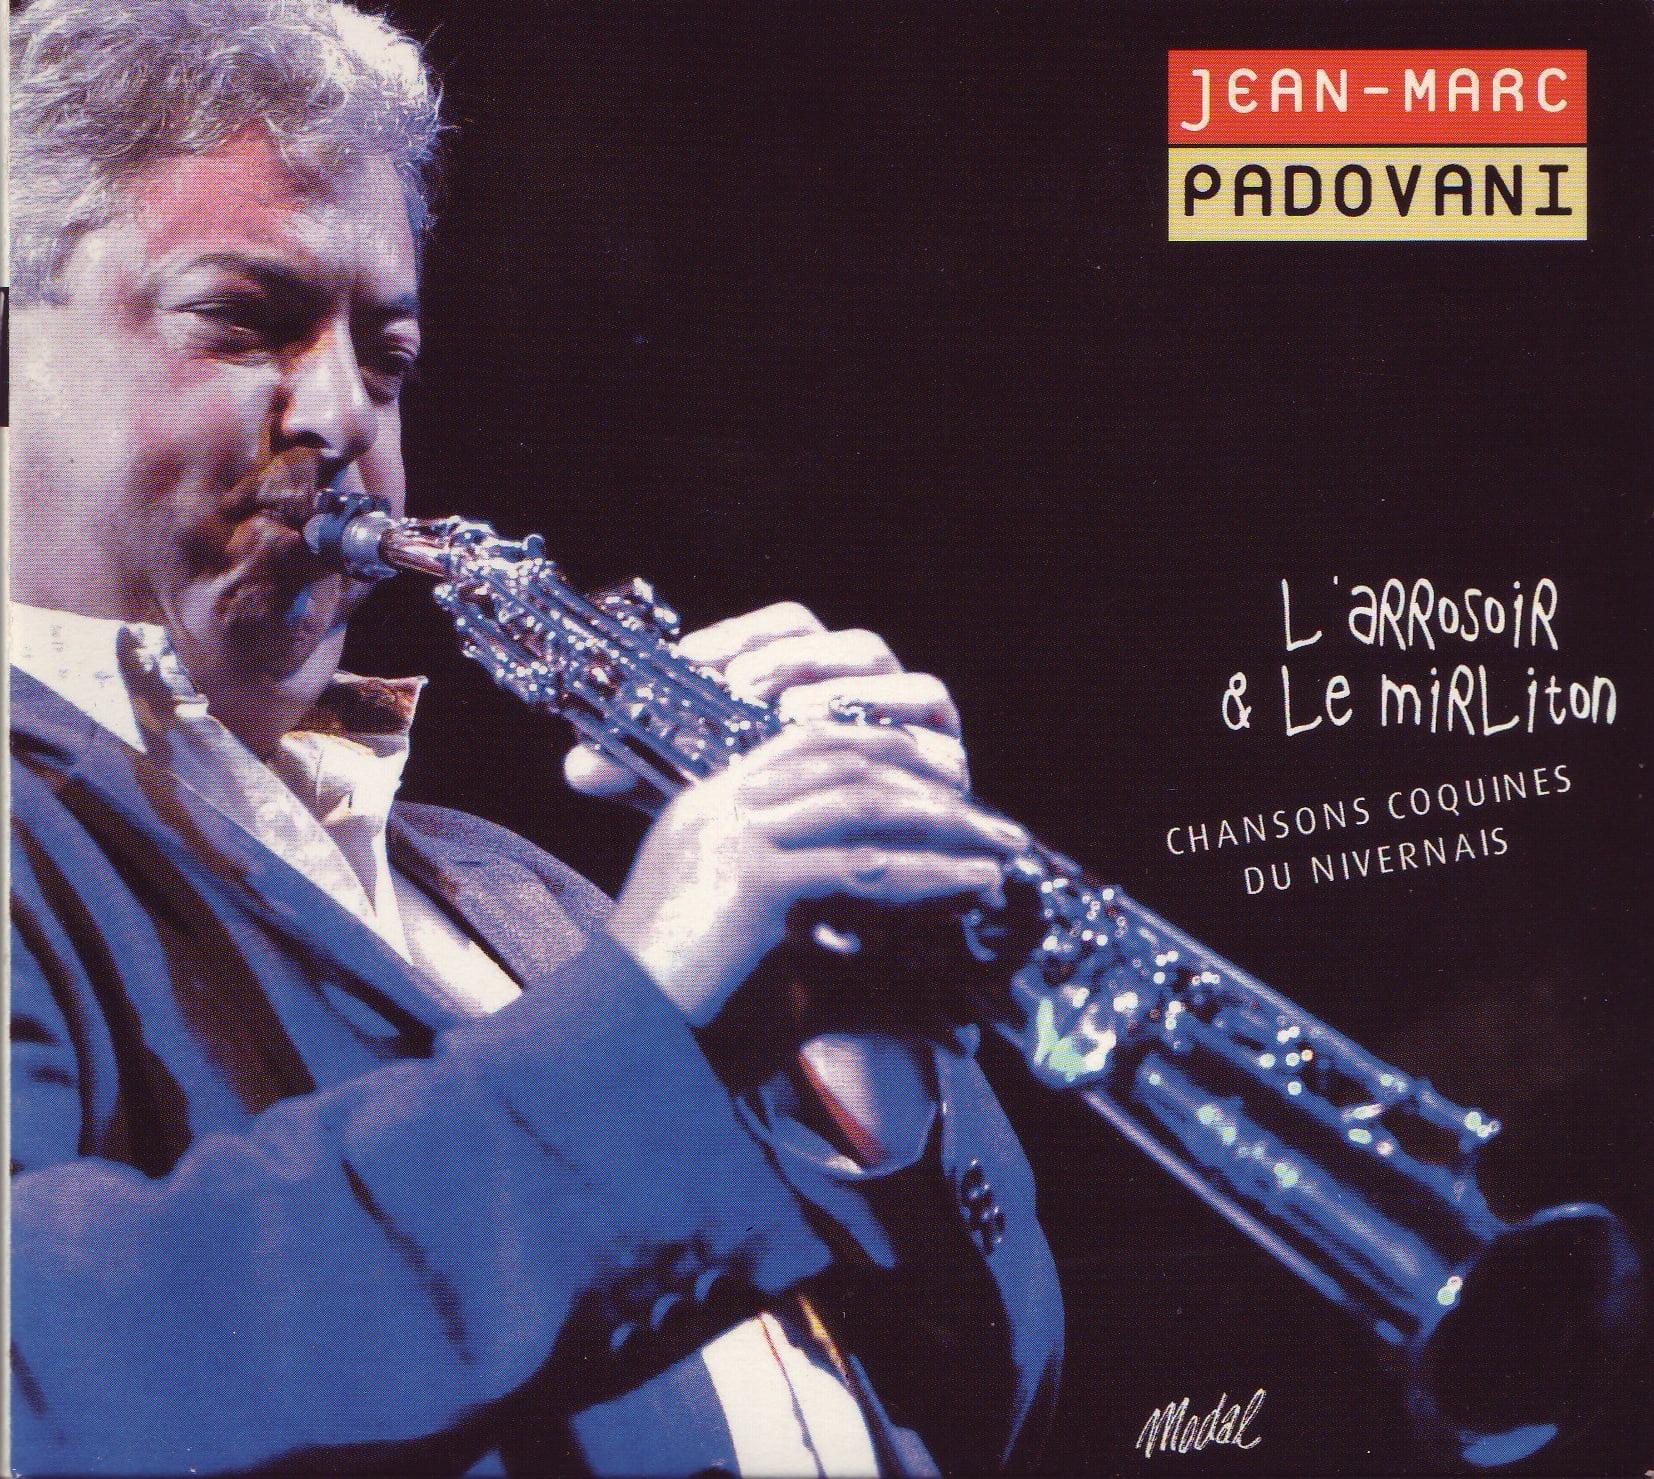 2005 -« L'arrosoir et le mirliton » De et avec le saxophoniste Jean-Marc Padovani Avec des musiciens de l'Ensemble Musique Traditionnelle de Nevers Prod. Modal